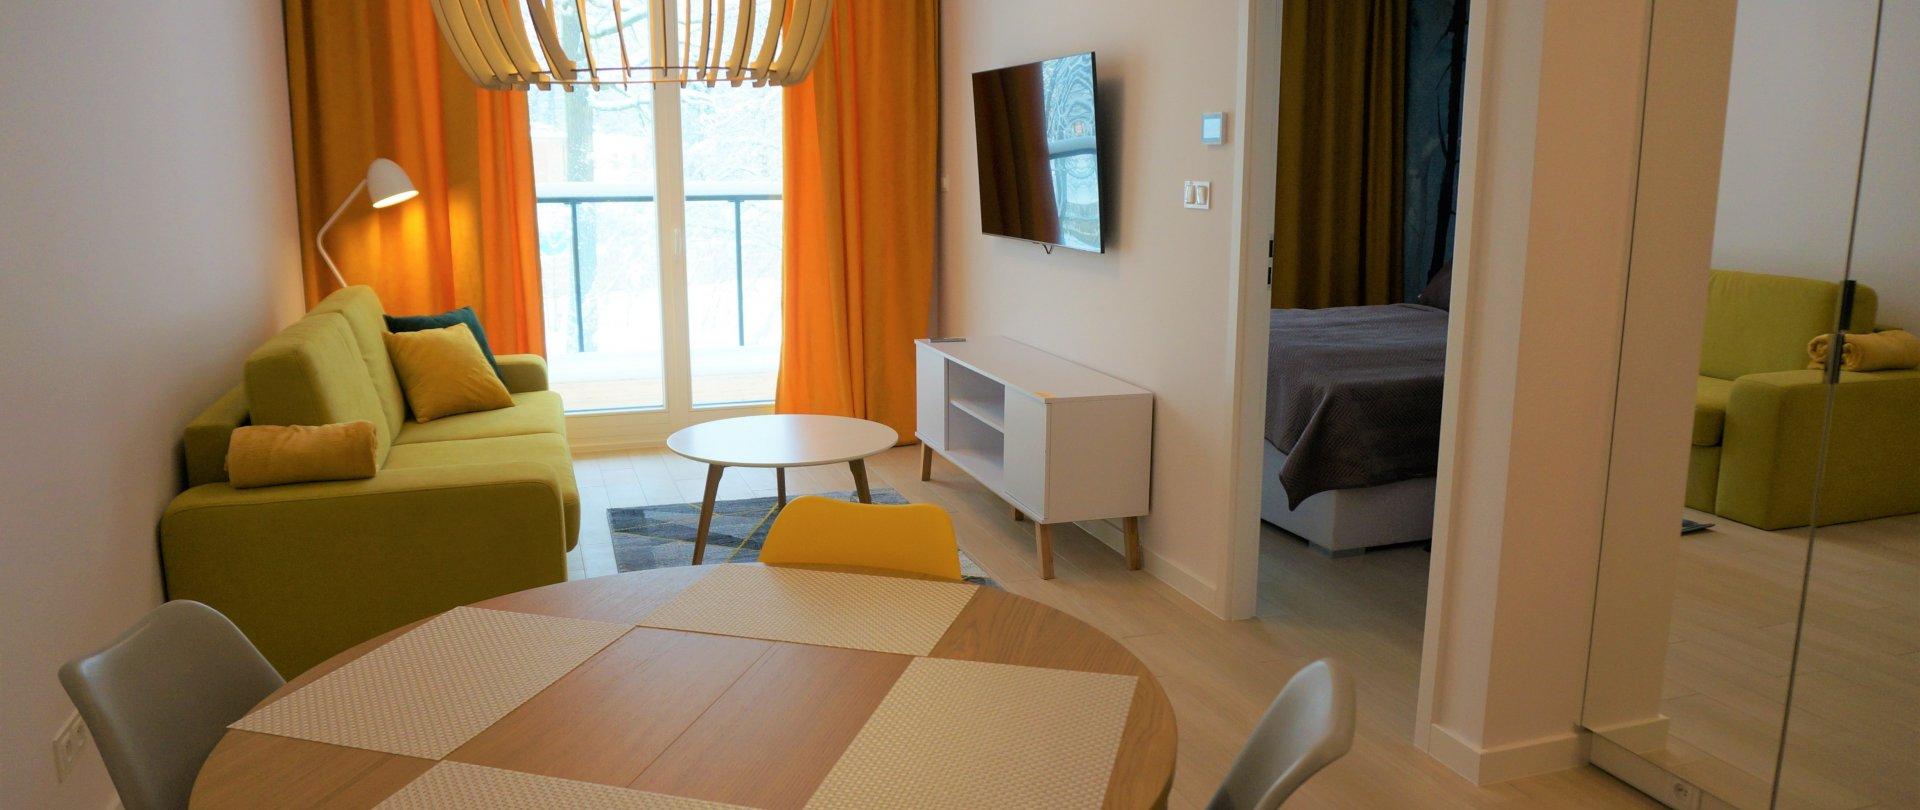 Apartament 2 pokojowy z sauną (4 osoby)